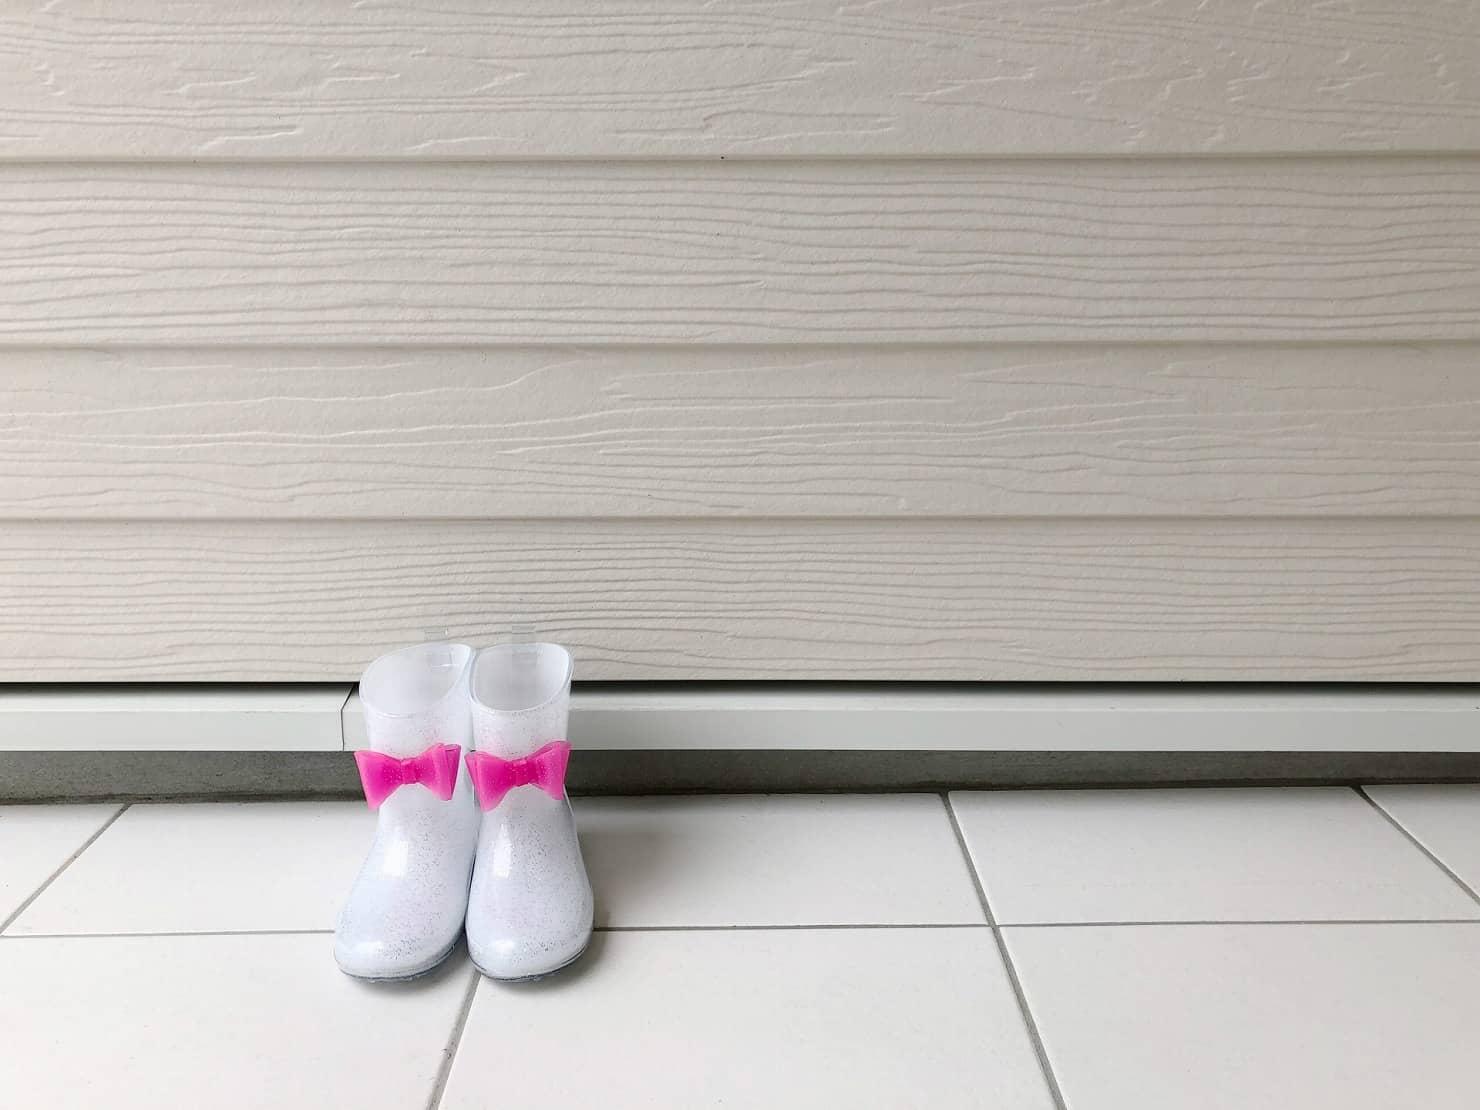 子供用のおしゃれな長靴おすすめ17選! レインブーツの選び方やサイズ、人気ブランドは?